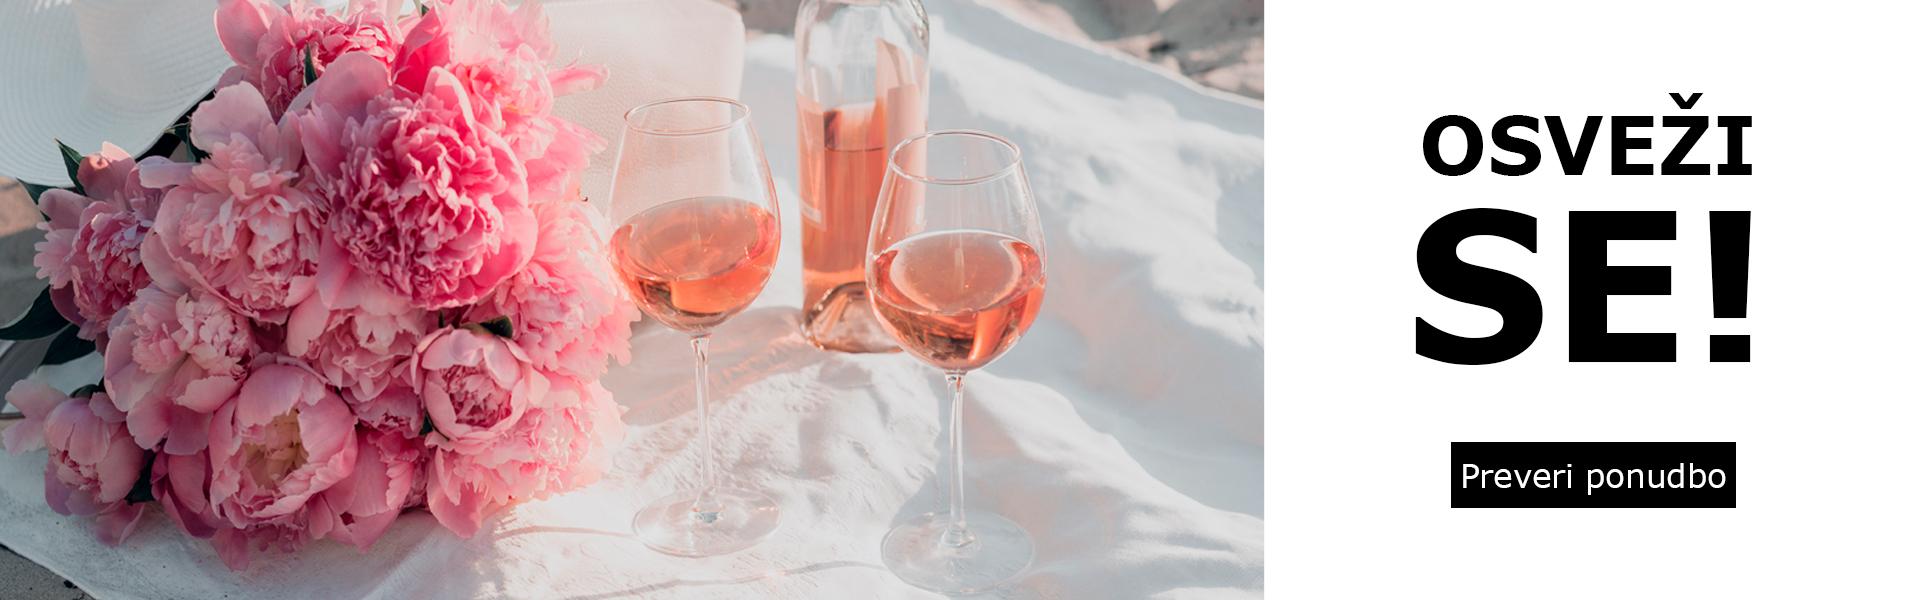 Osveži se: rose vino v akciji